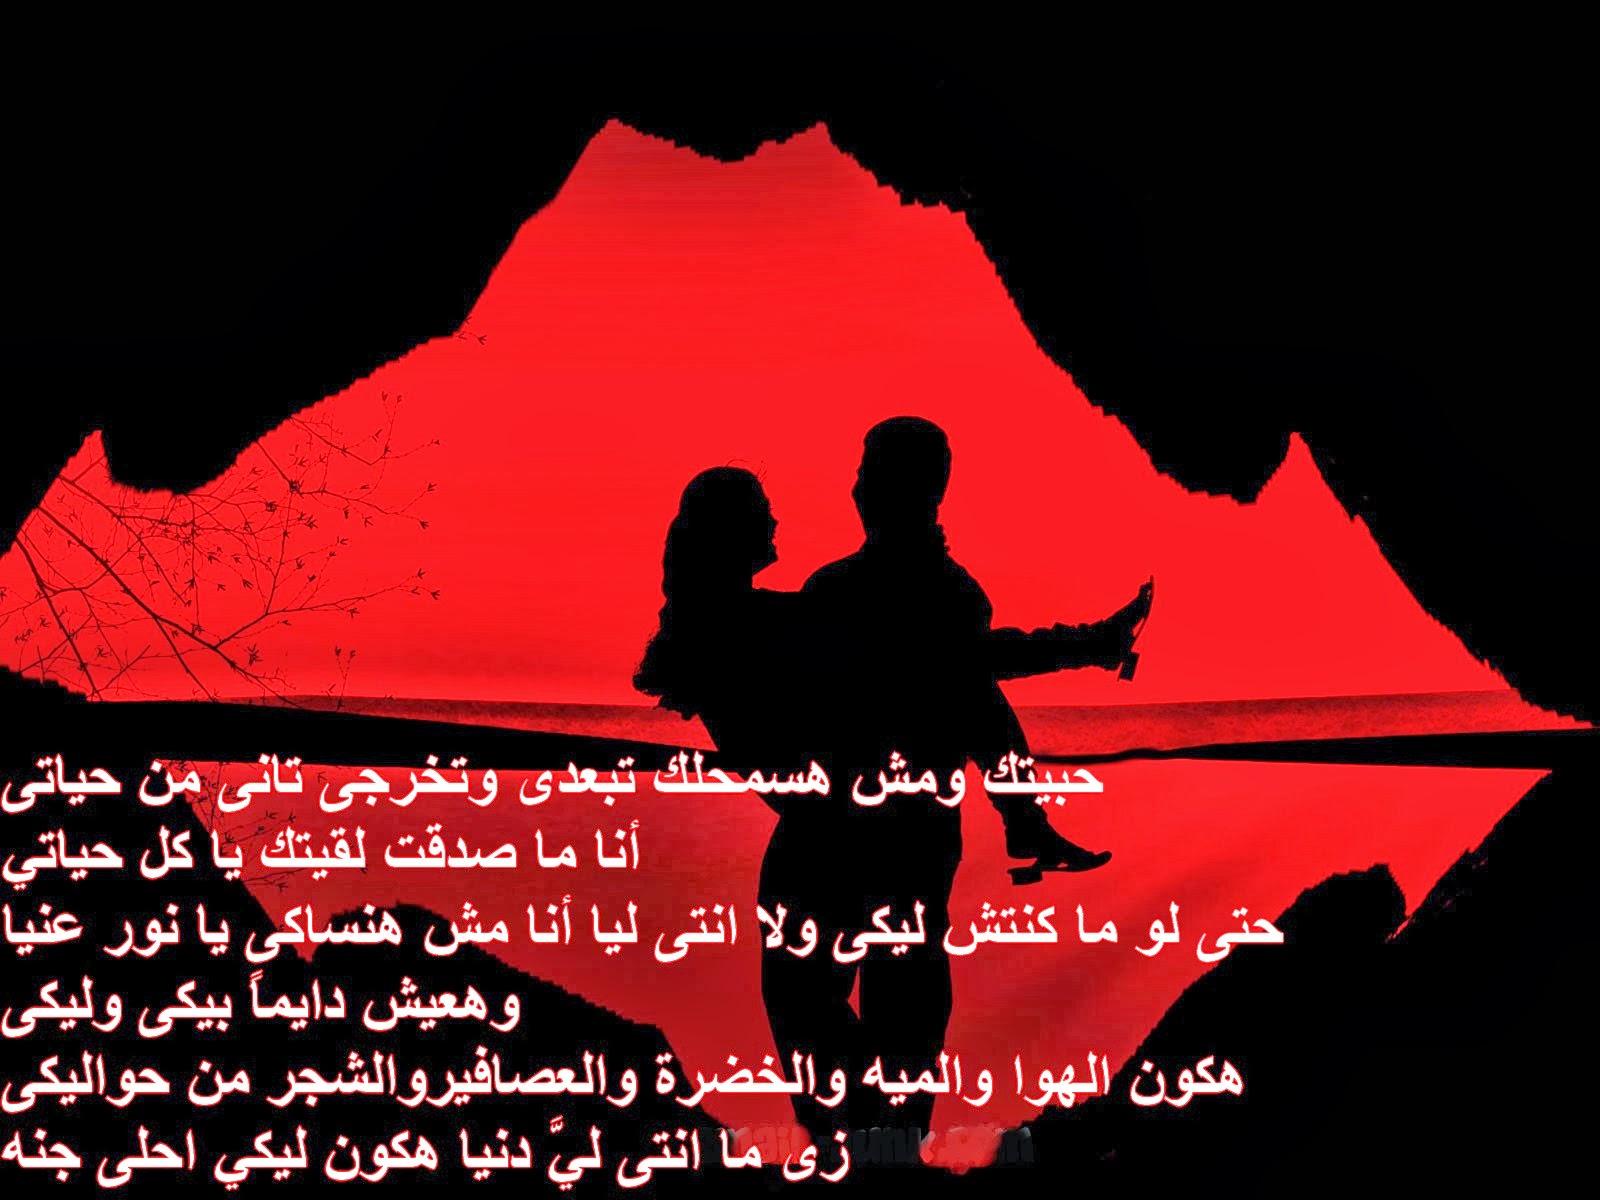 بالصور احلى اشعار , الشعر واجزاء جميله من الشعر 1703 4